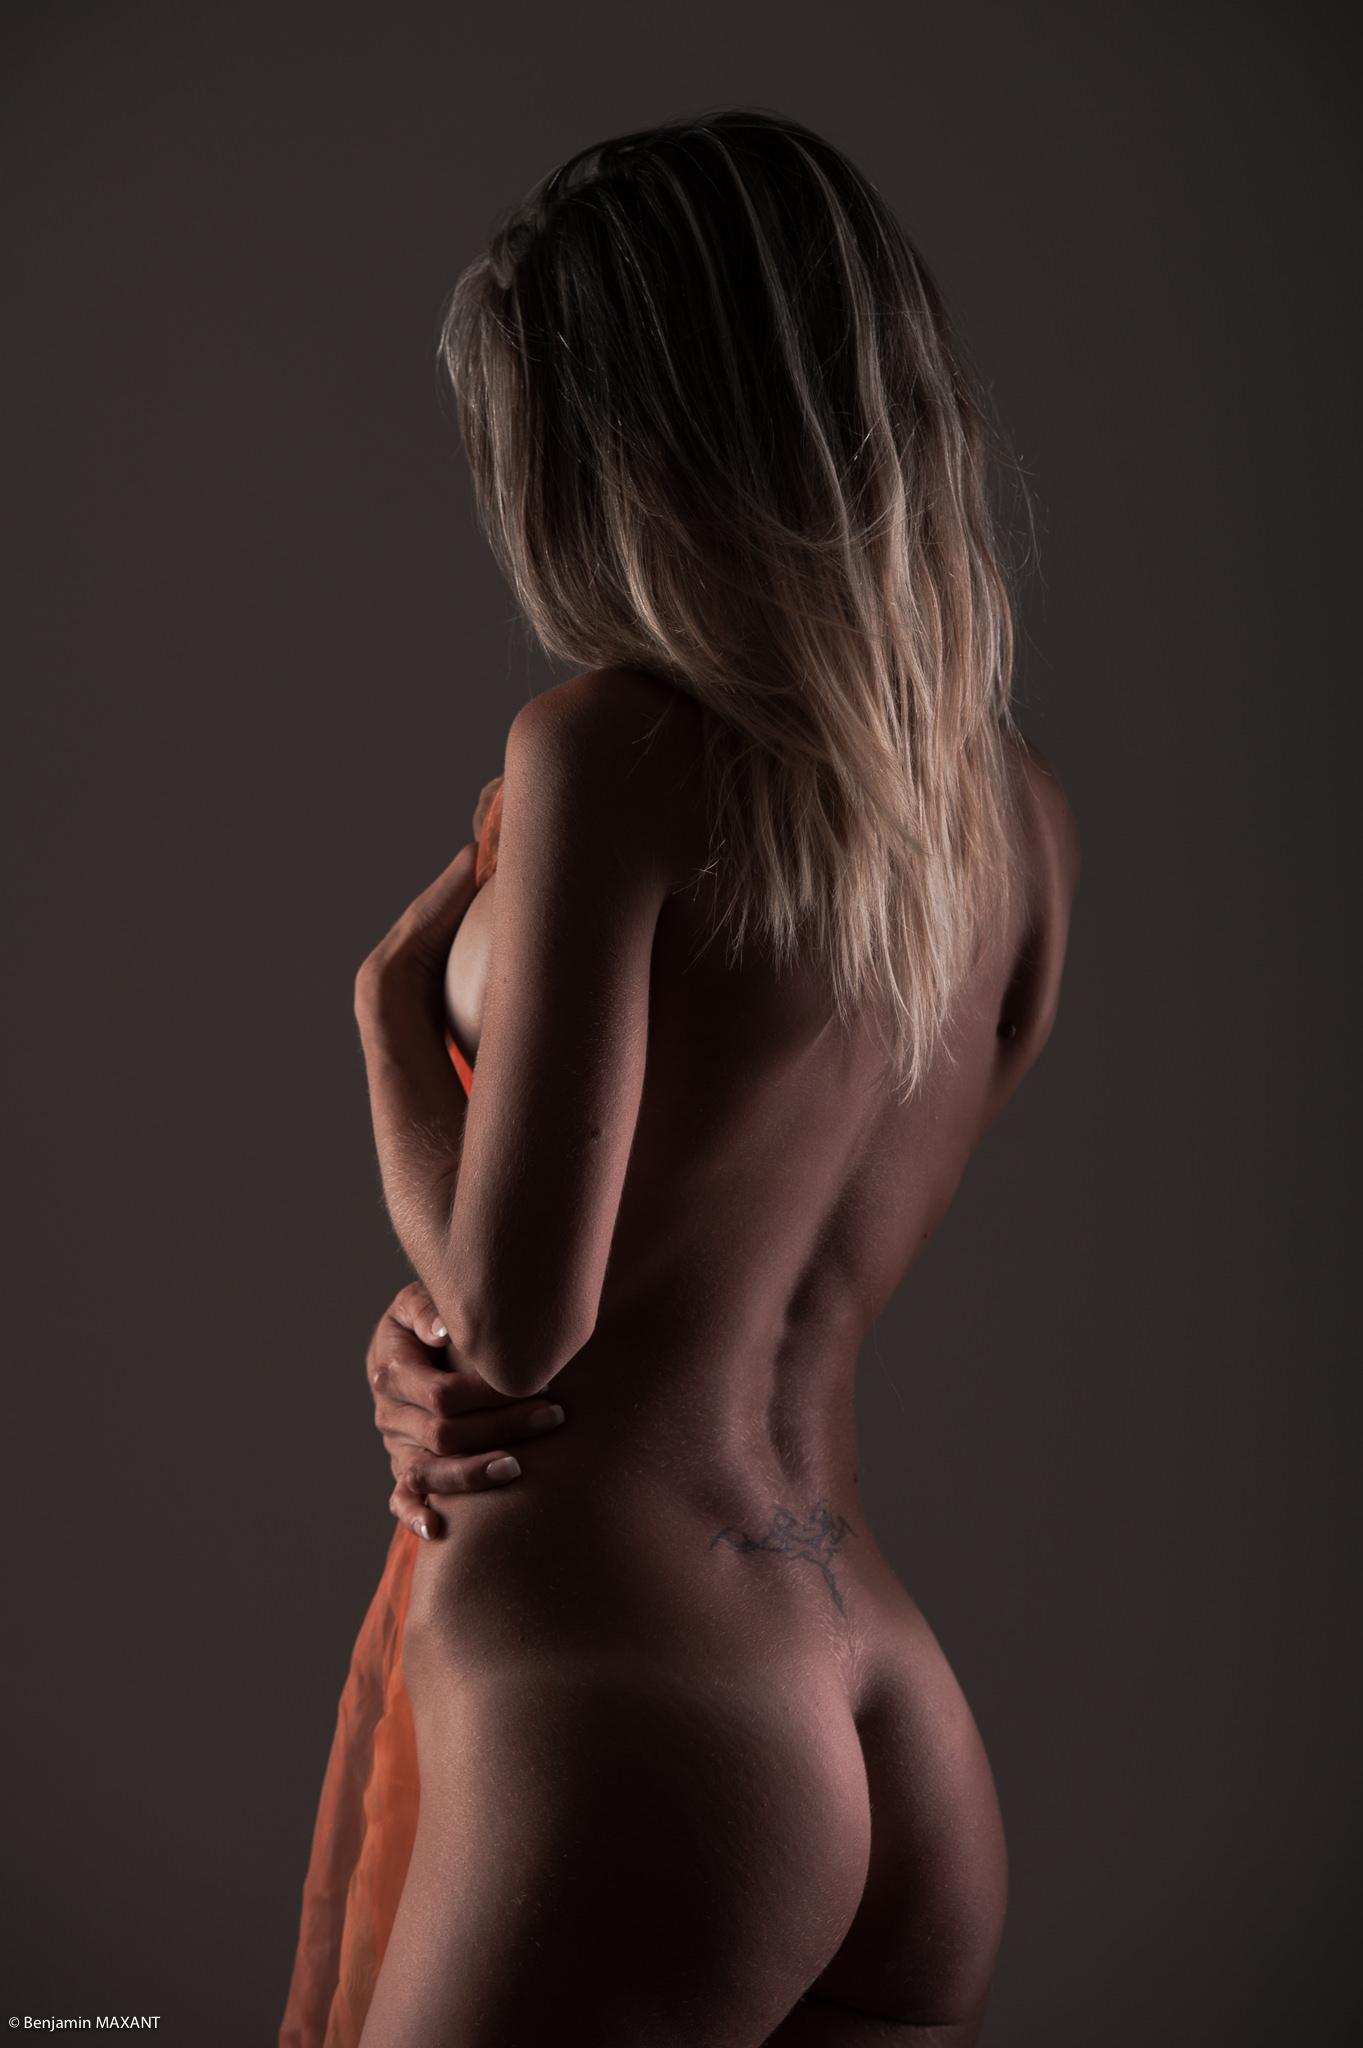 Séance photo lingerie en studio avec Emeline - nue de côté voile orange